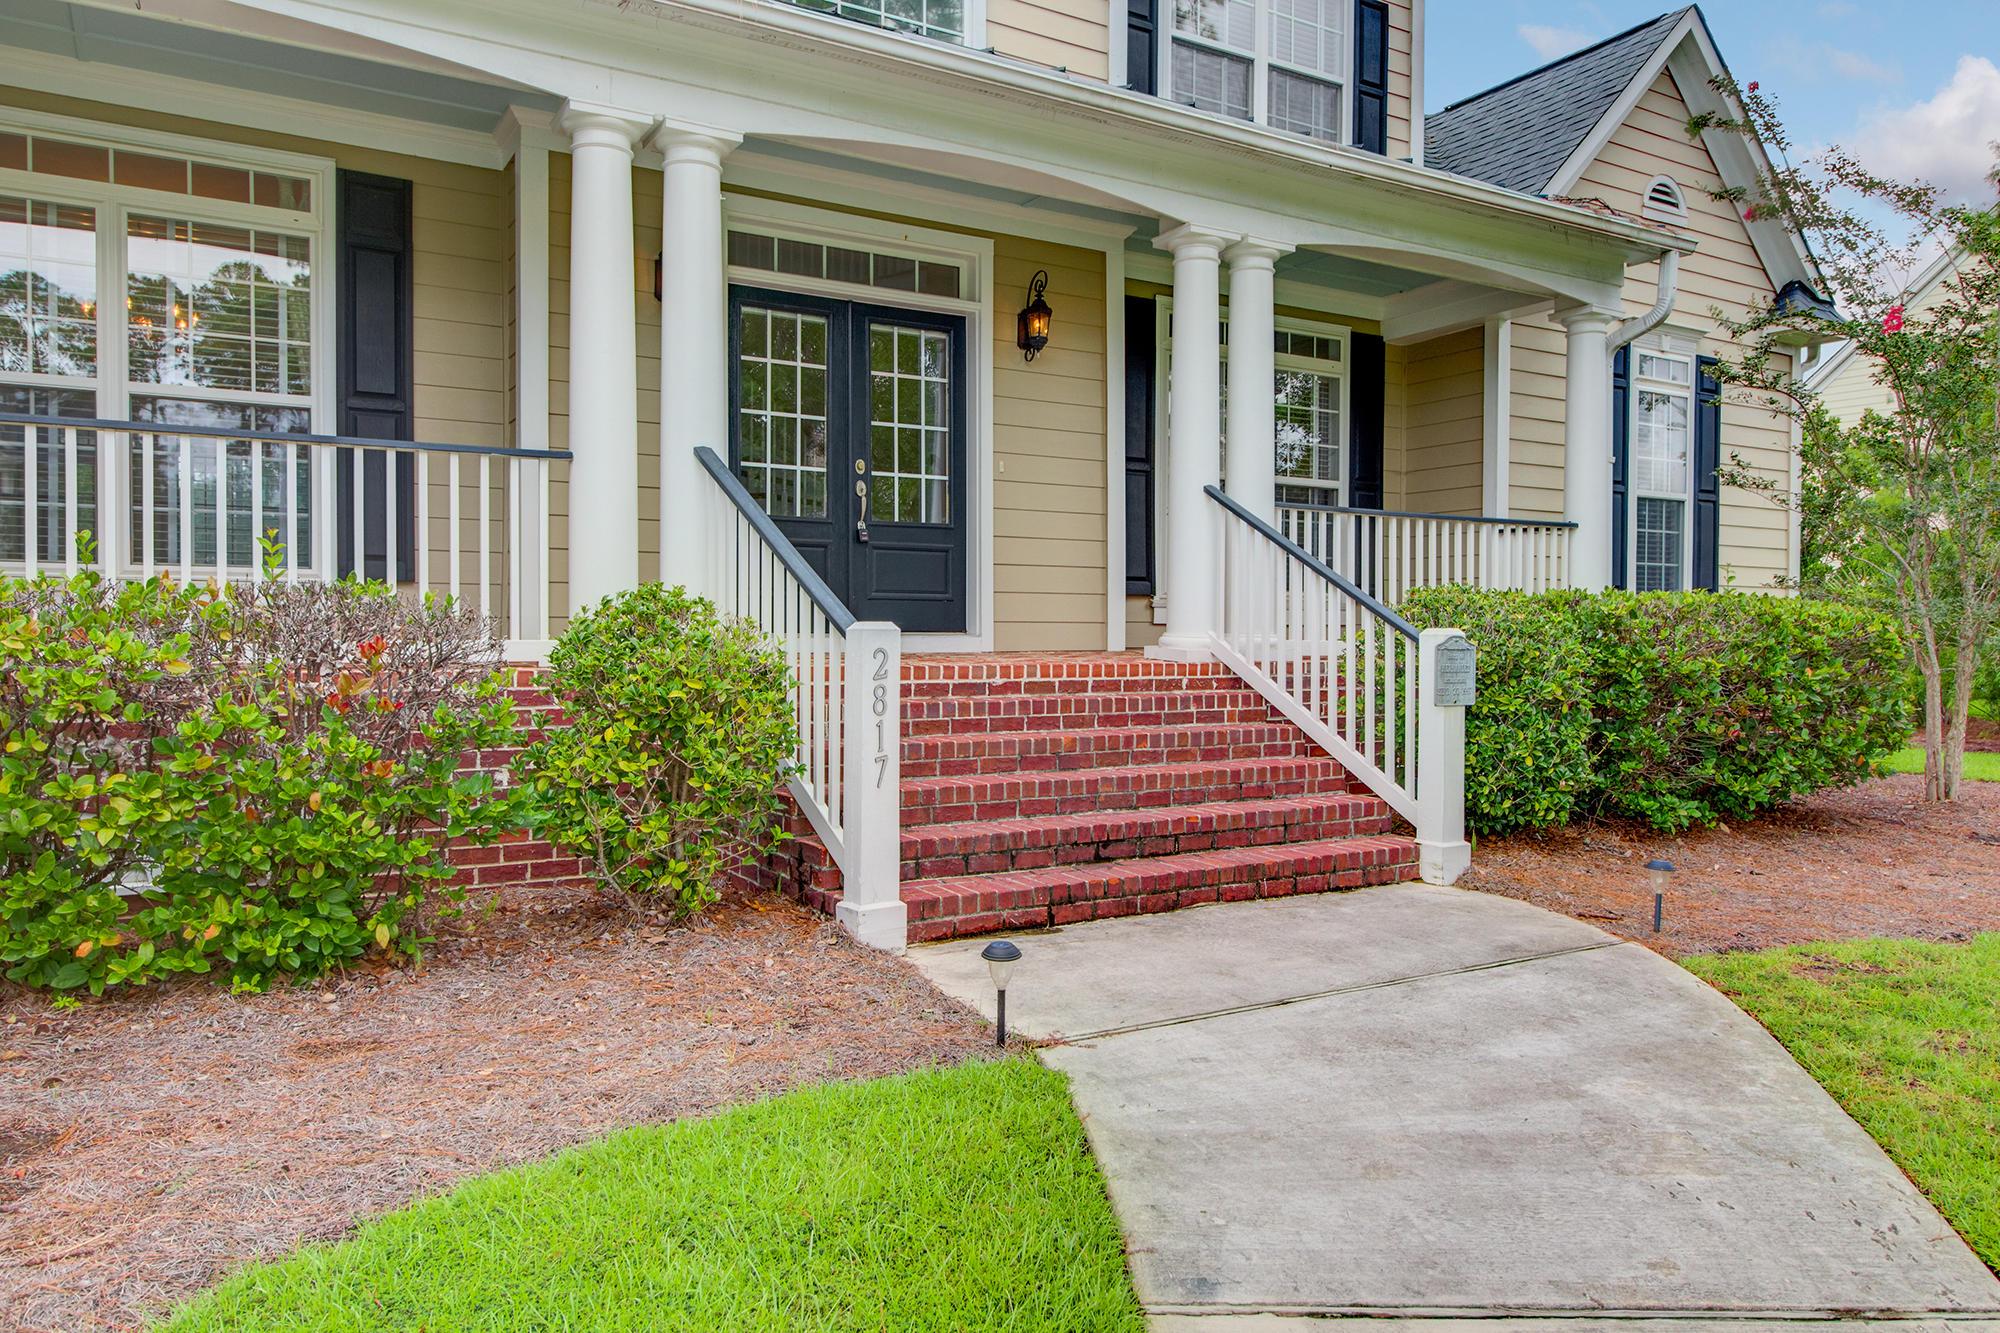 Dunes West Homes For Sale - 2817 Oak Manor, Mount Pleasant, SC - 9